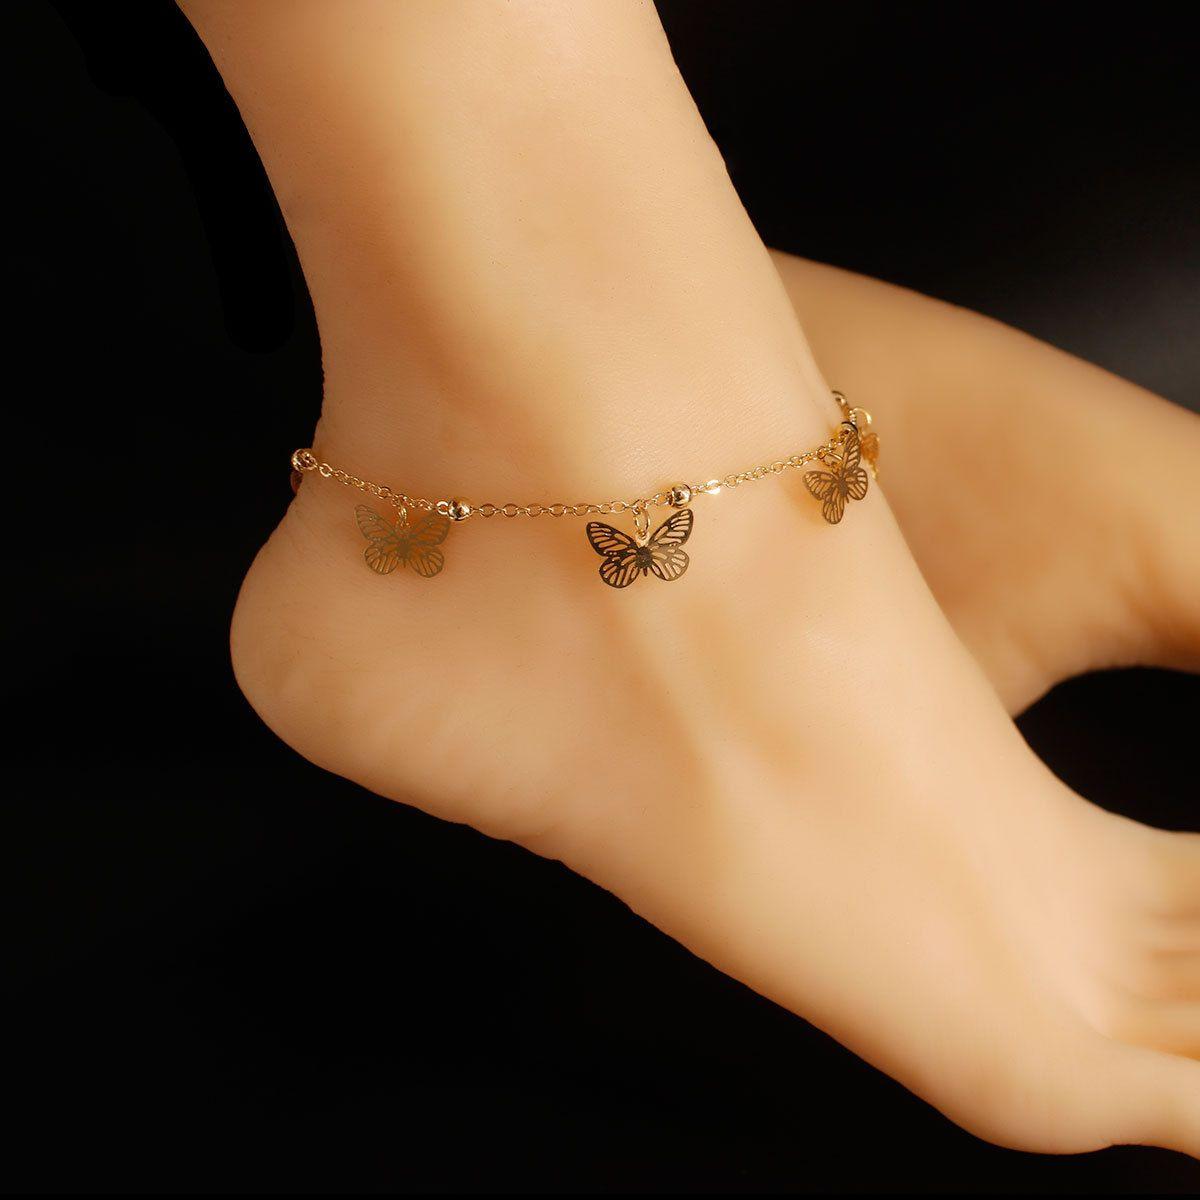 비치 신발 여성 Openwork 나비 펜던트 술 Anklets 캐주얼 비치 휴가 Anklets 팔찌 쥬얼리 앵클 체인